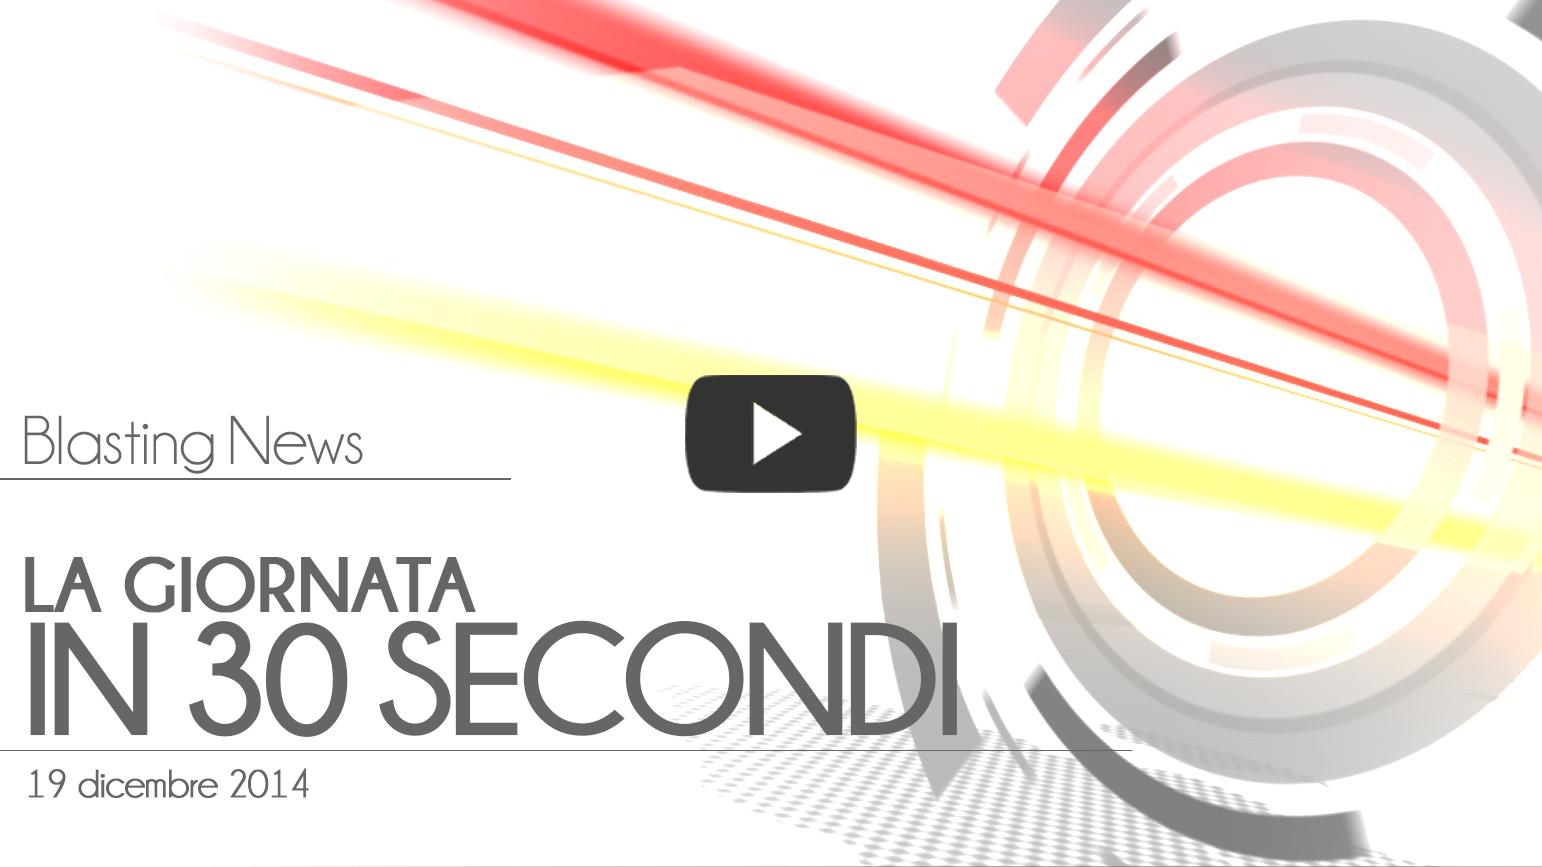 La giornata in 30 secondi - 19 dicembre 2014